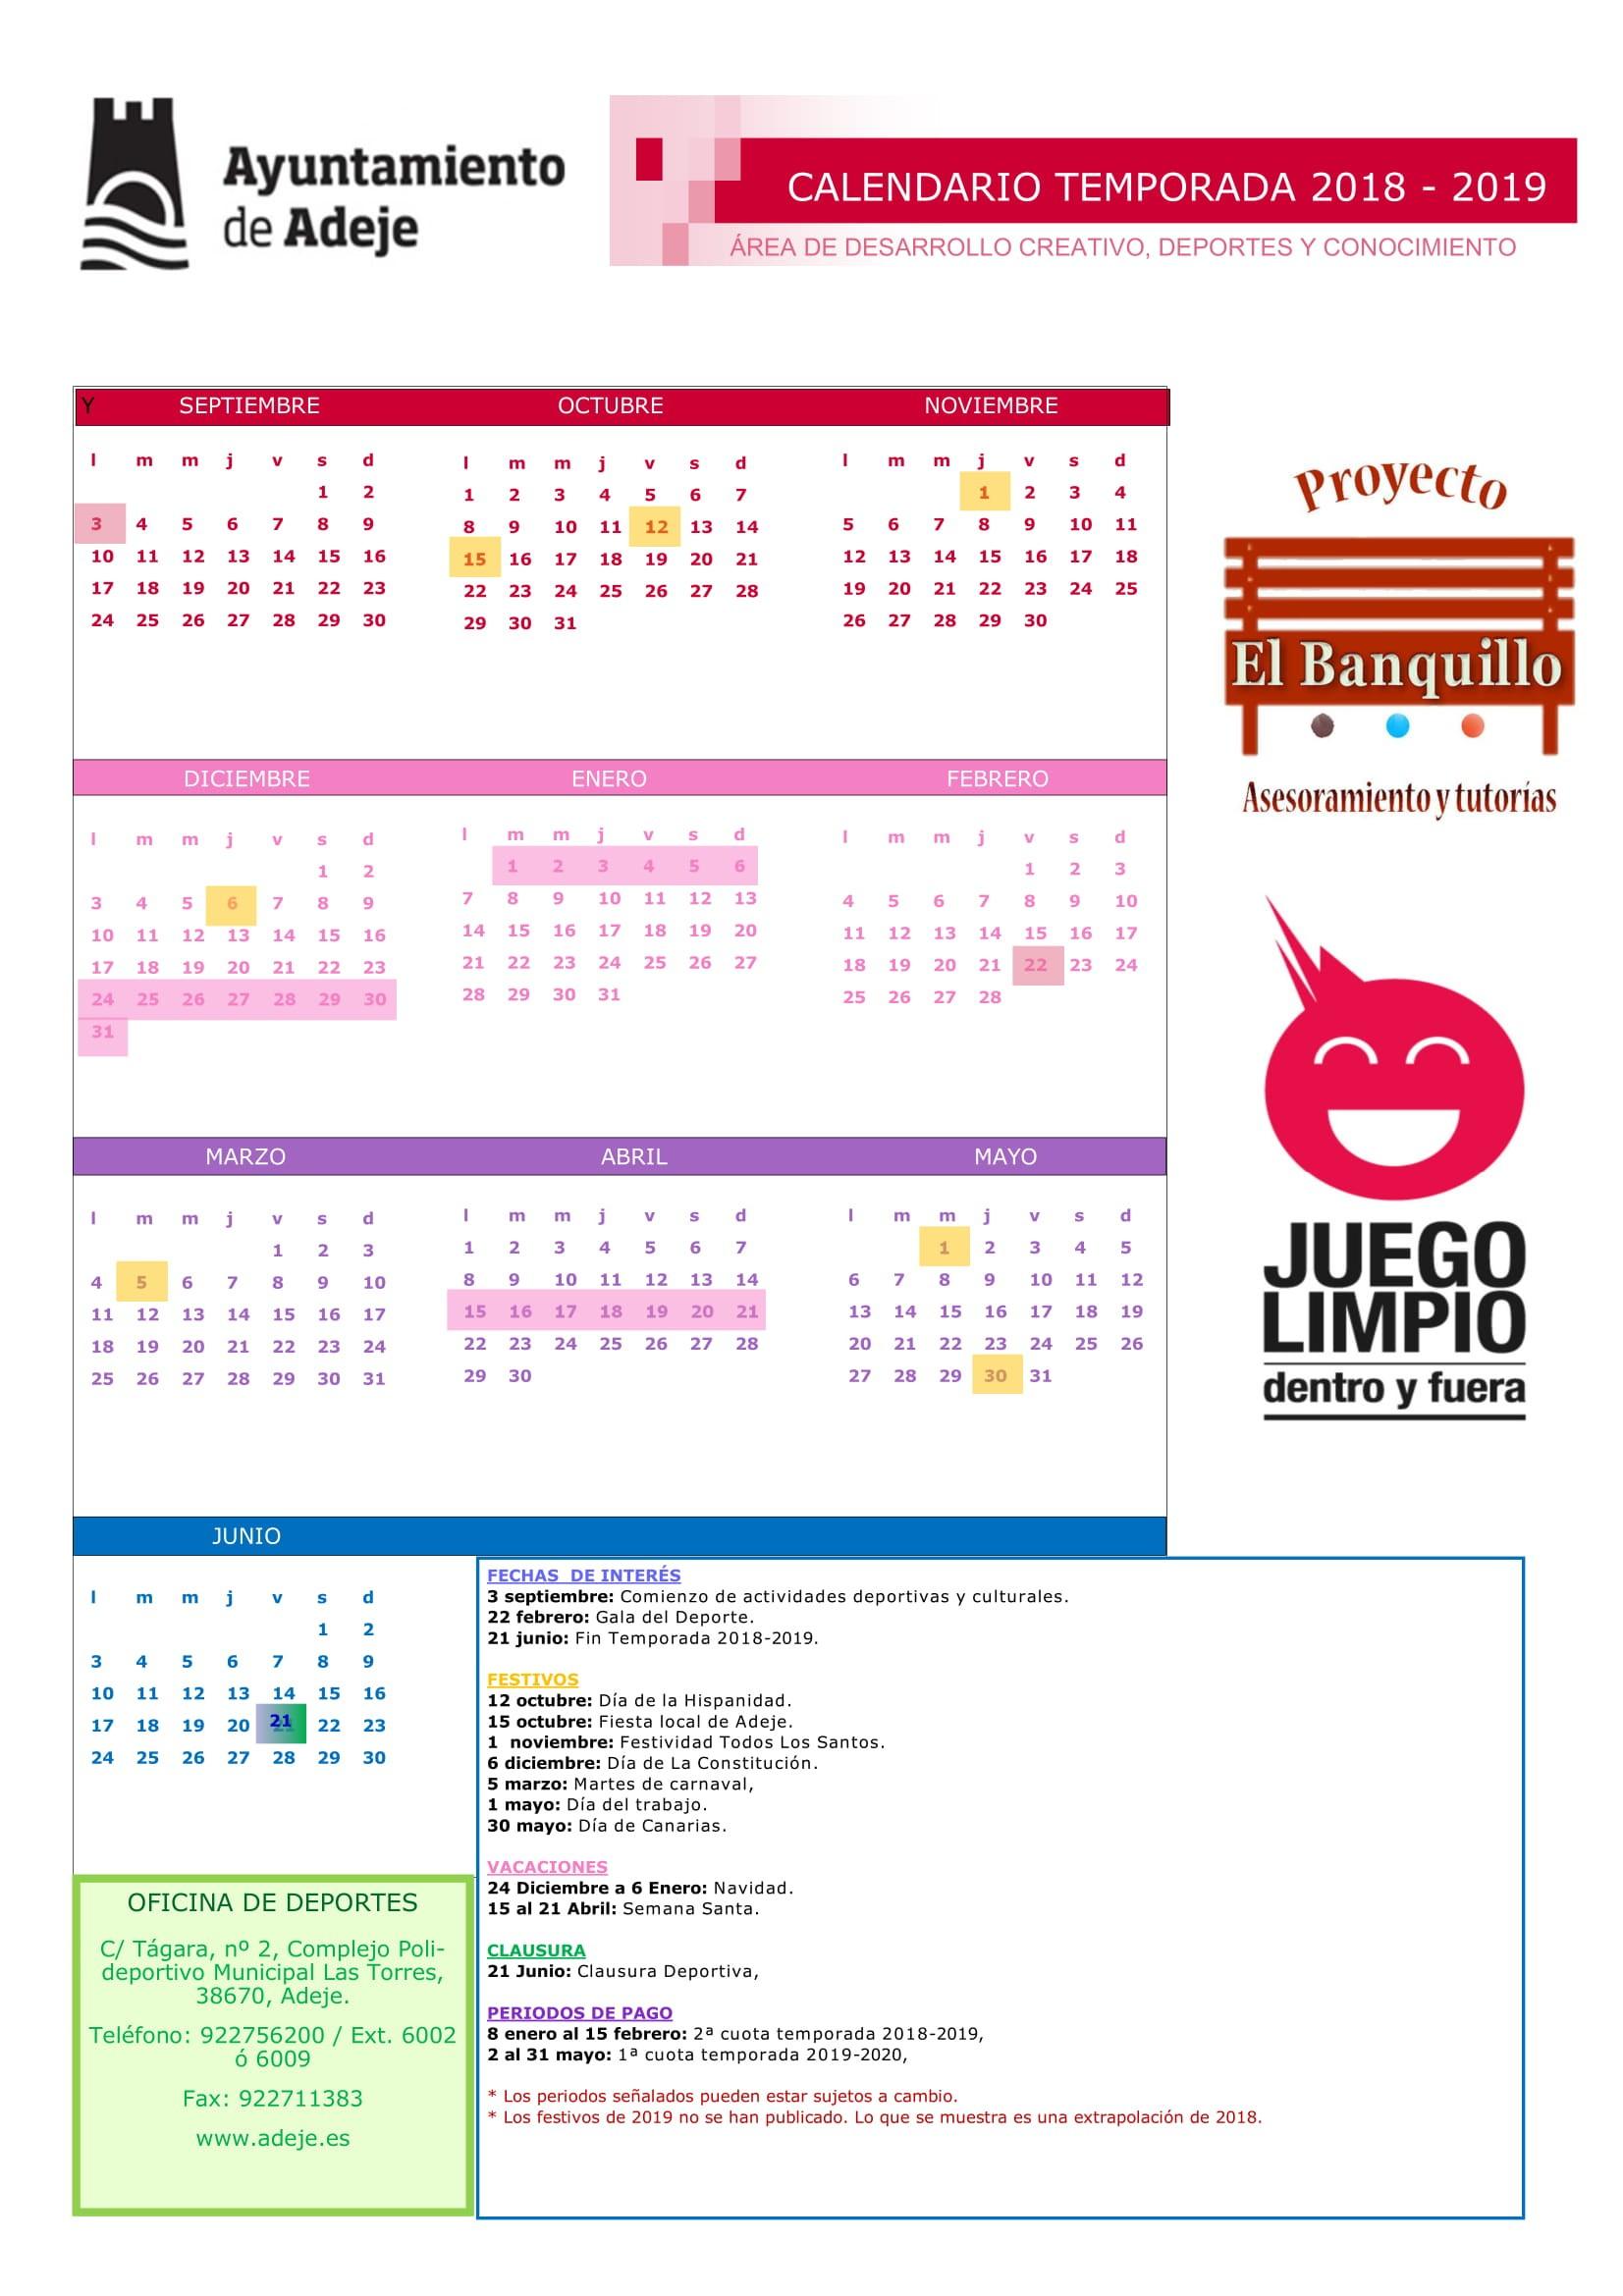 Calendario Fiestas Abril 2019 Más Recientemente Liberado Sport Of Calendario Fiestas Abril 2019 Más Recientes Calendario Laboral Ayuntamiento De Valdemoro